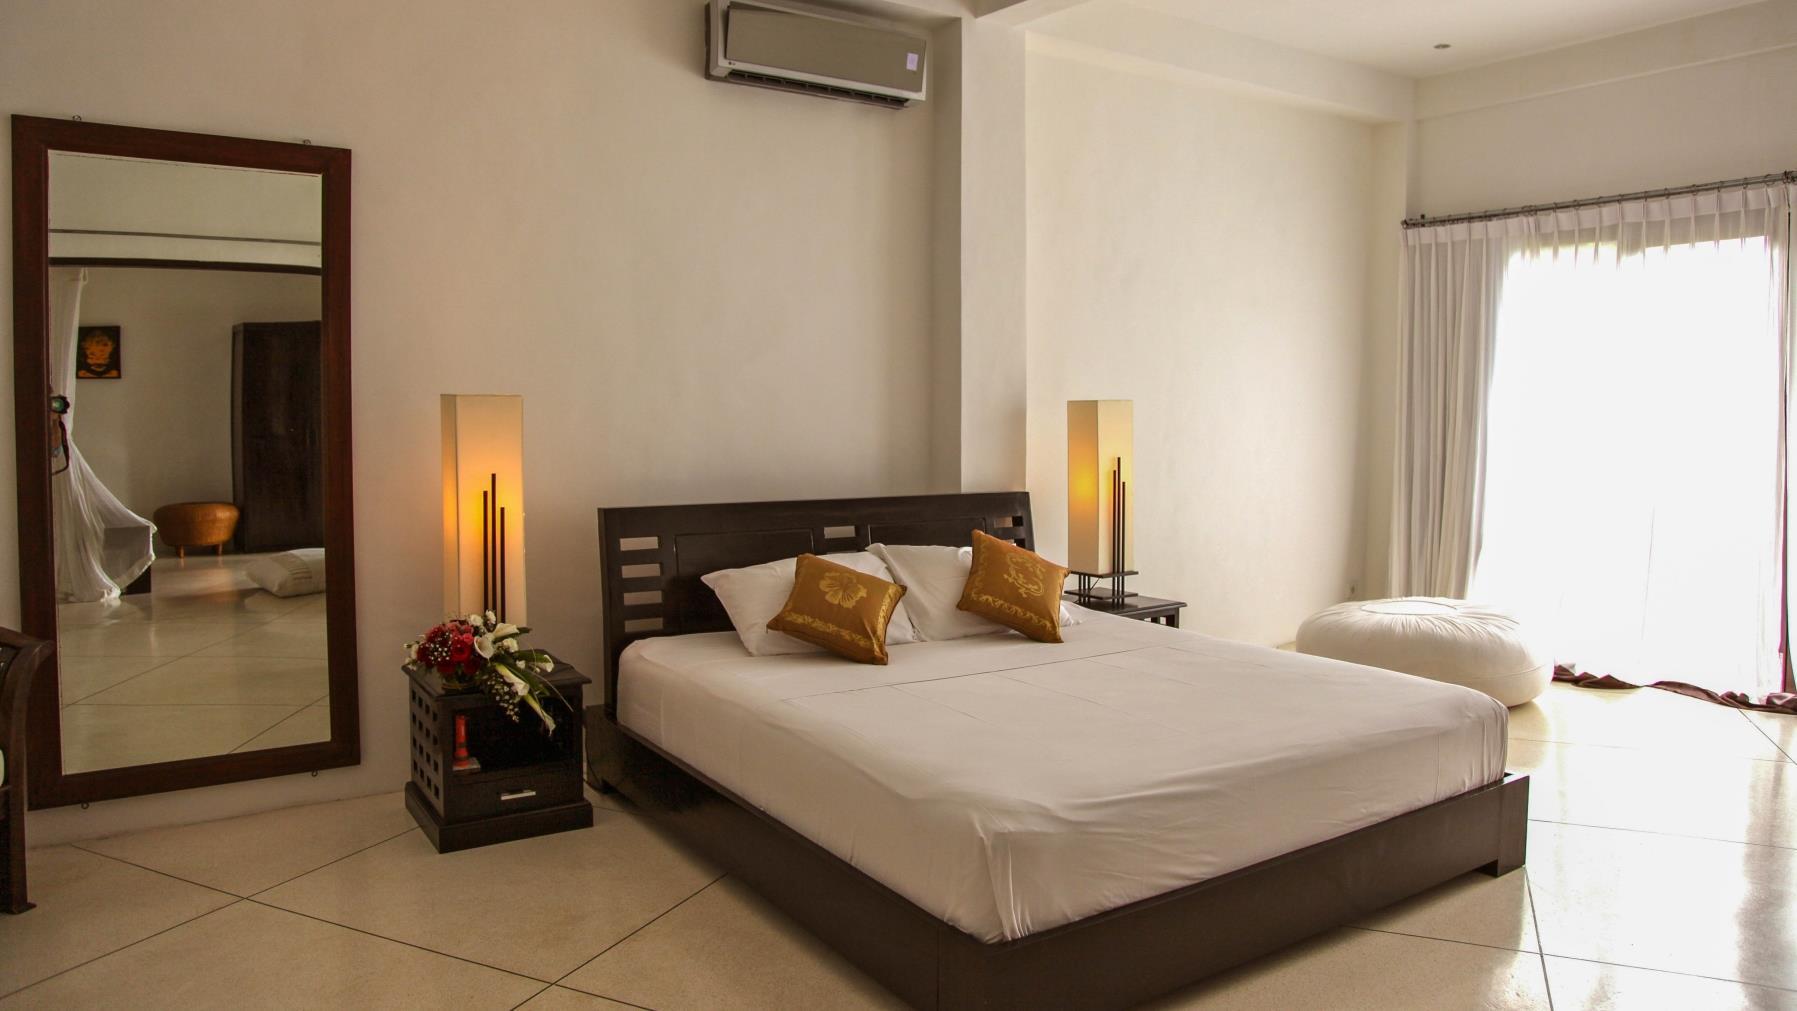 Bedroom with Mirror - Villa Sophia - Seminyak, Bali